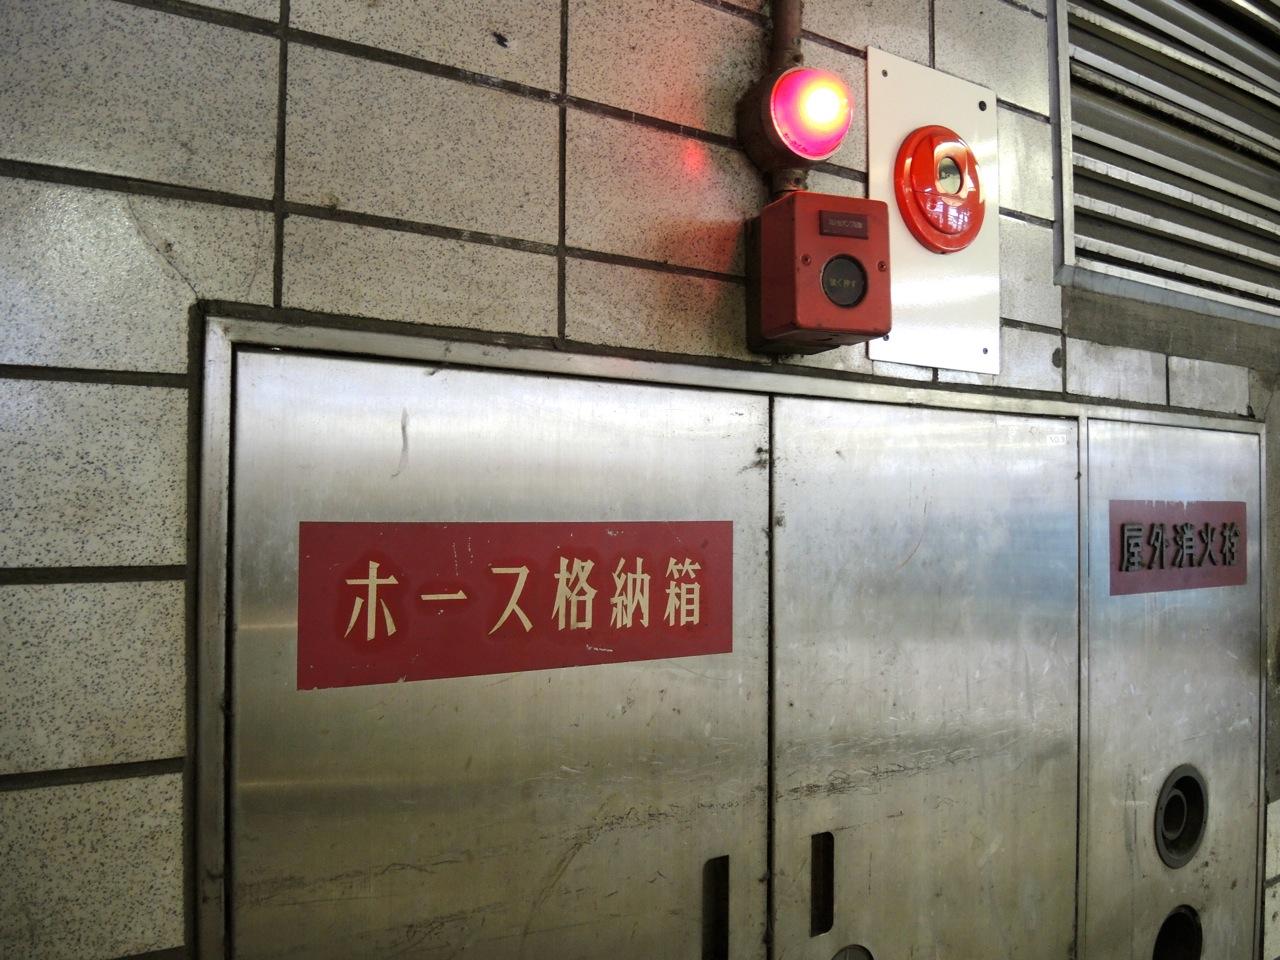 日本は丸ゴシックの宝庫・看板屋さん実演_e0175918_449018.jpg